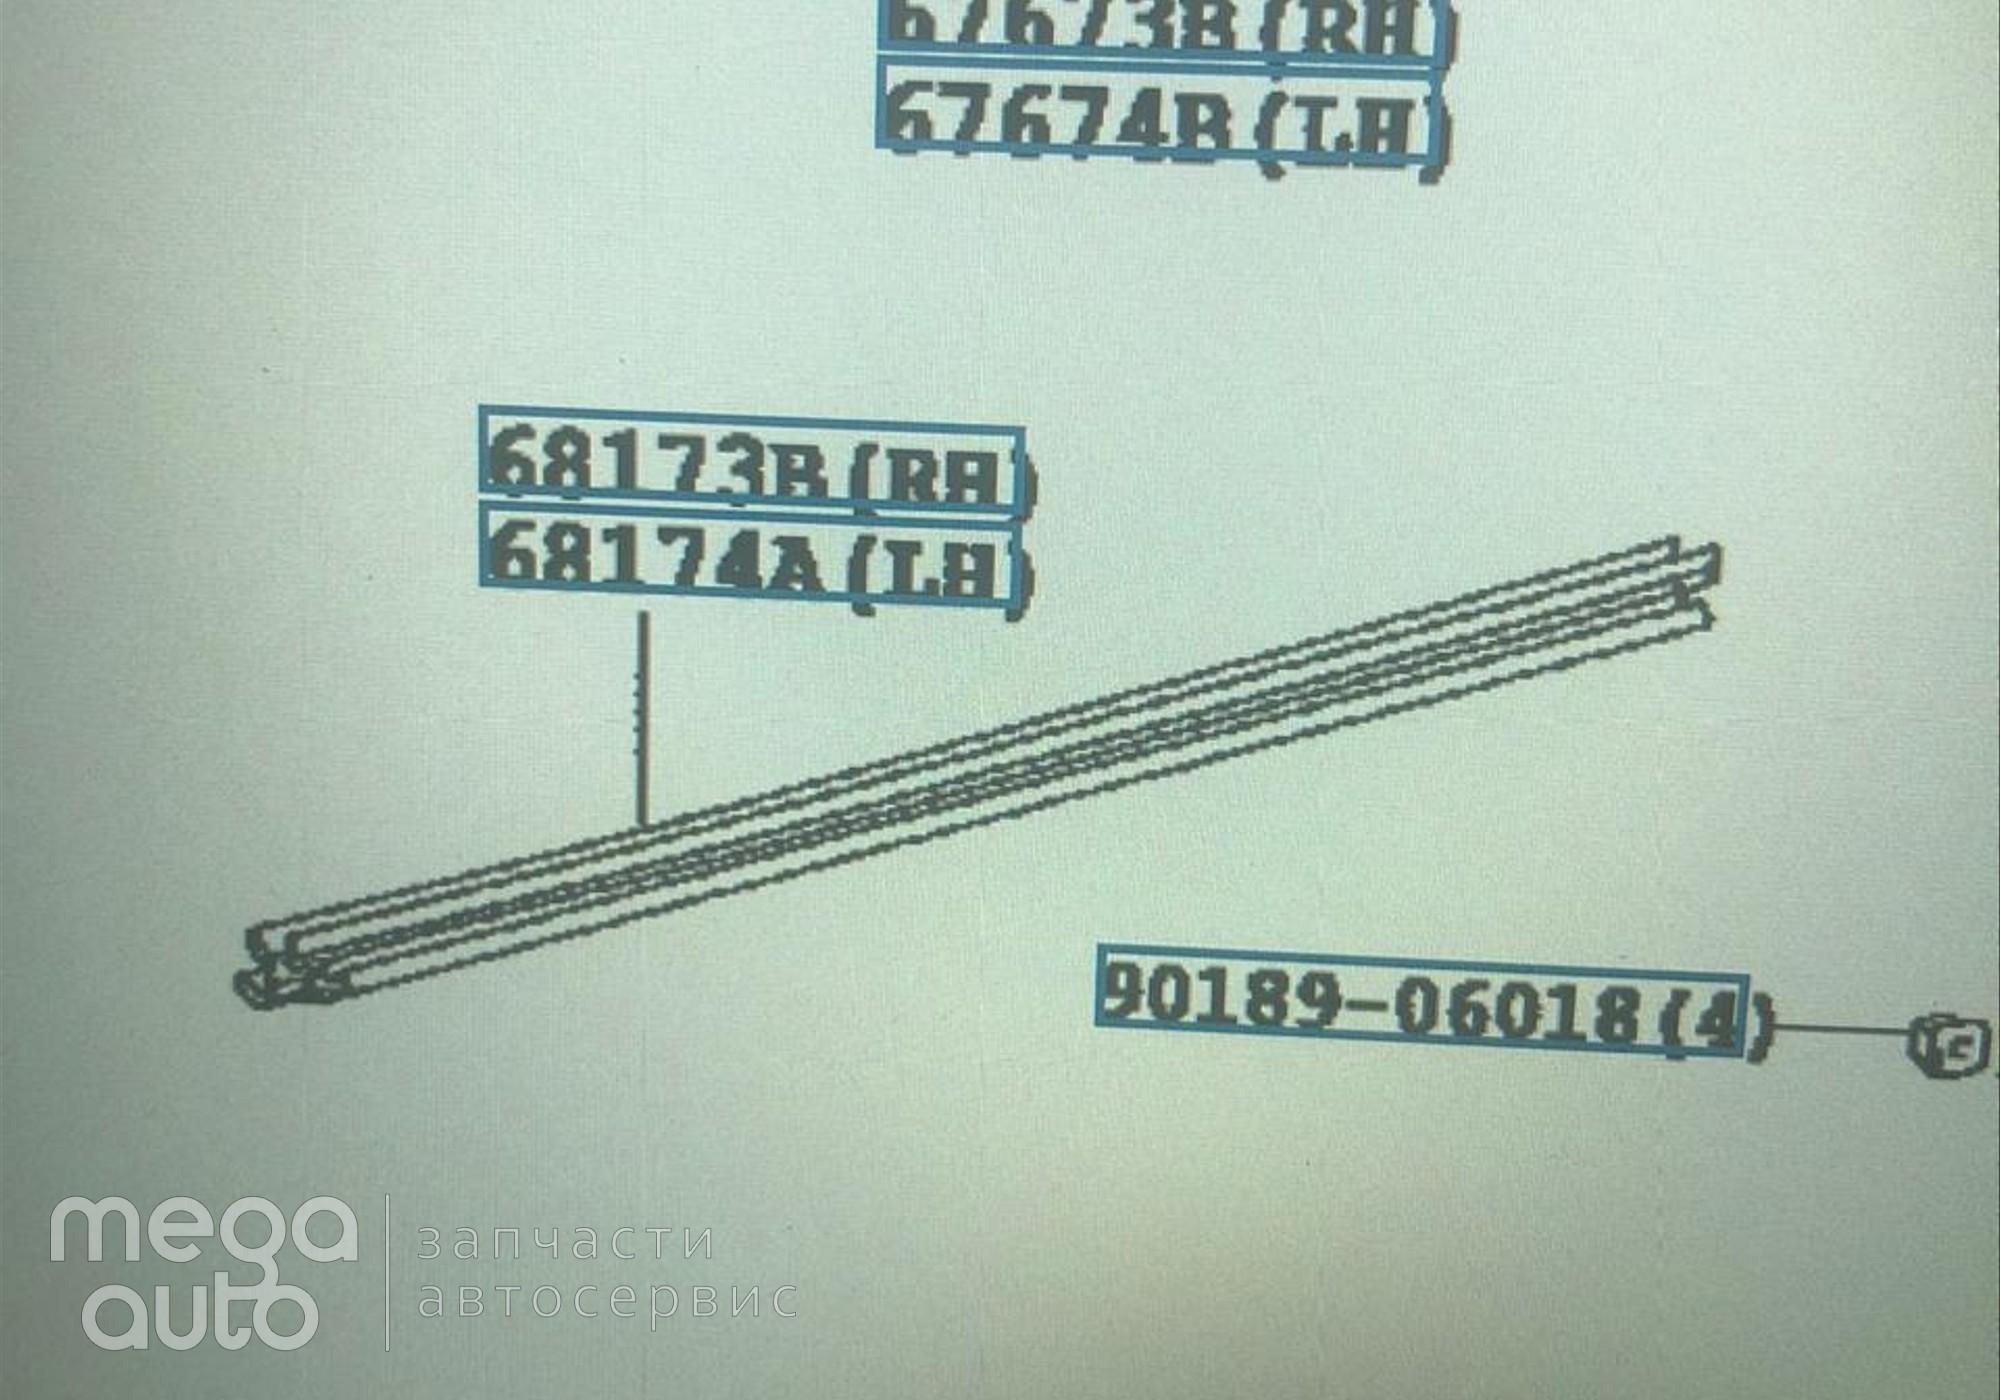 6817312310 Уплотнитель стекла правый для Toyota Corolla E140/E150 (с 2007 по 2013)